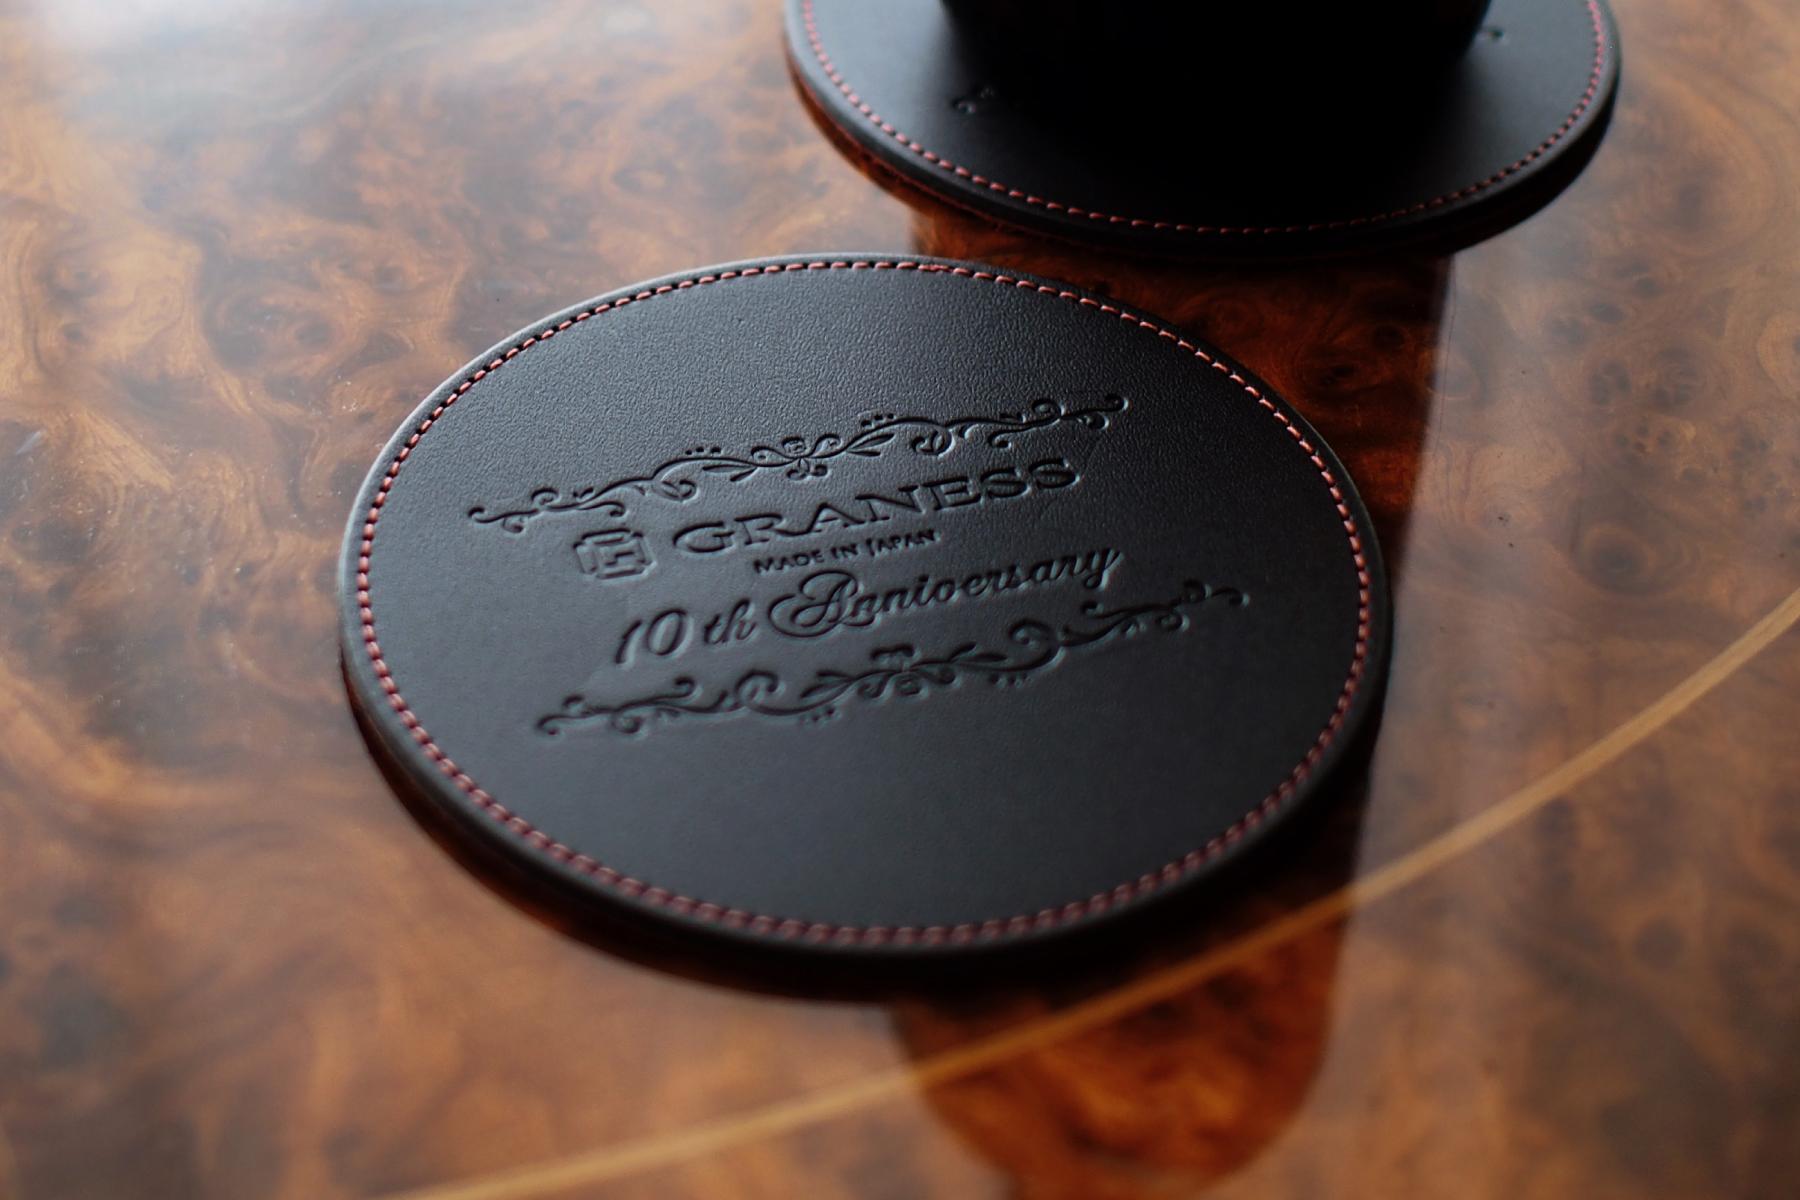 レザーコースター2枚セット・円形への10周年記念名入れ拡大写真